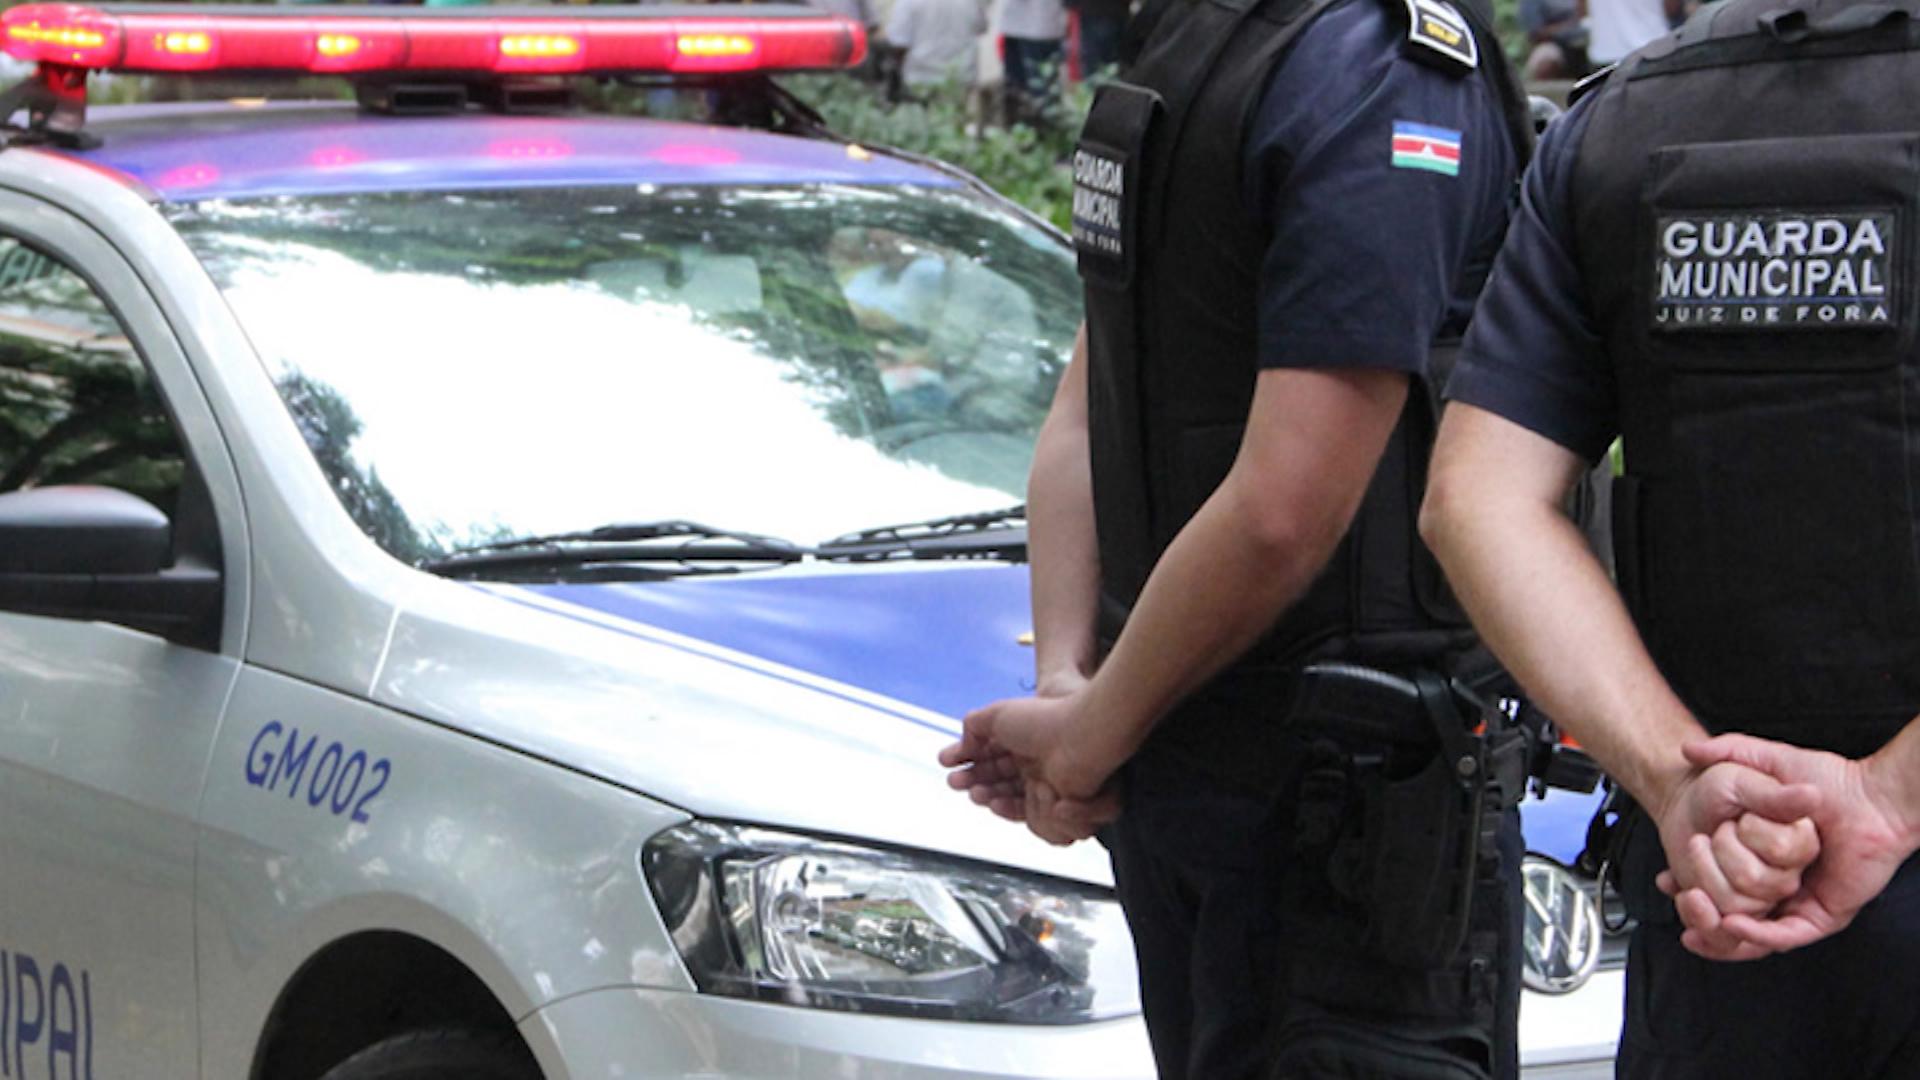 Importunação sexual: Idoso é preso após assediar e agredir mulher